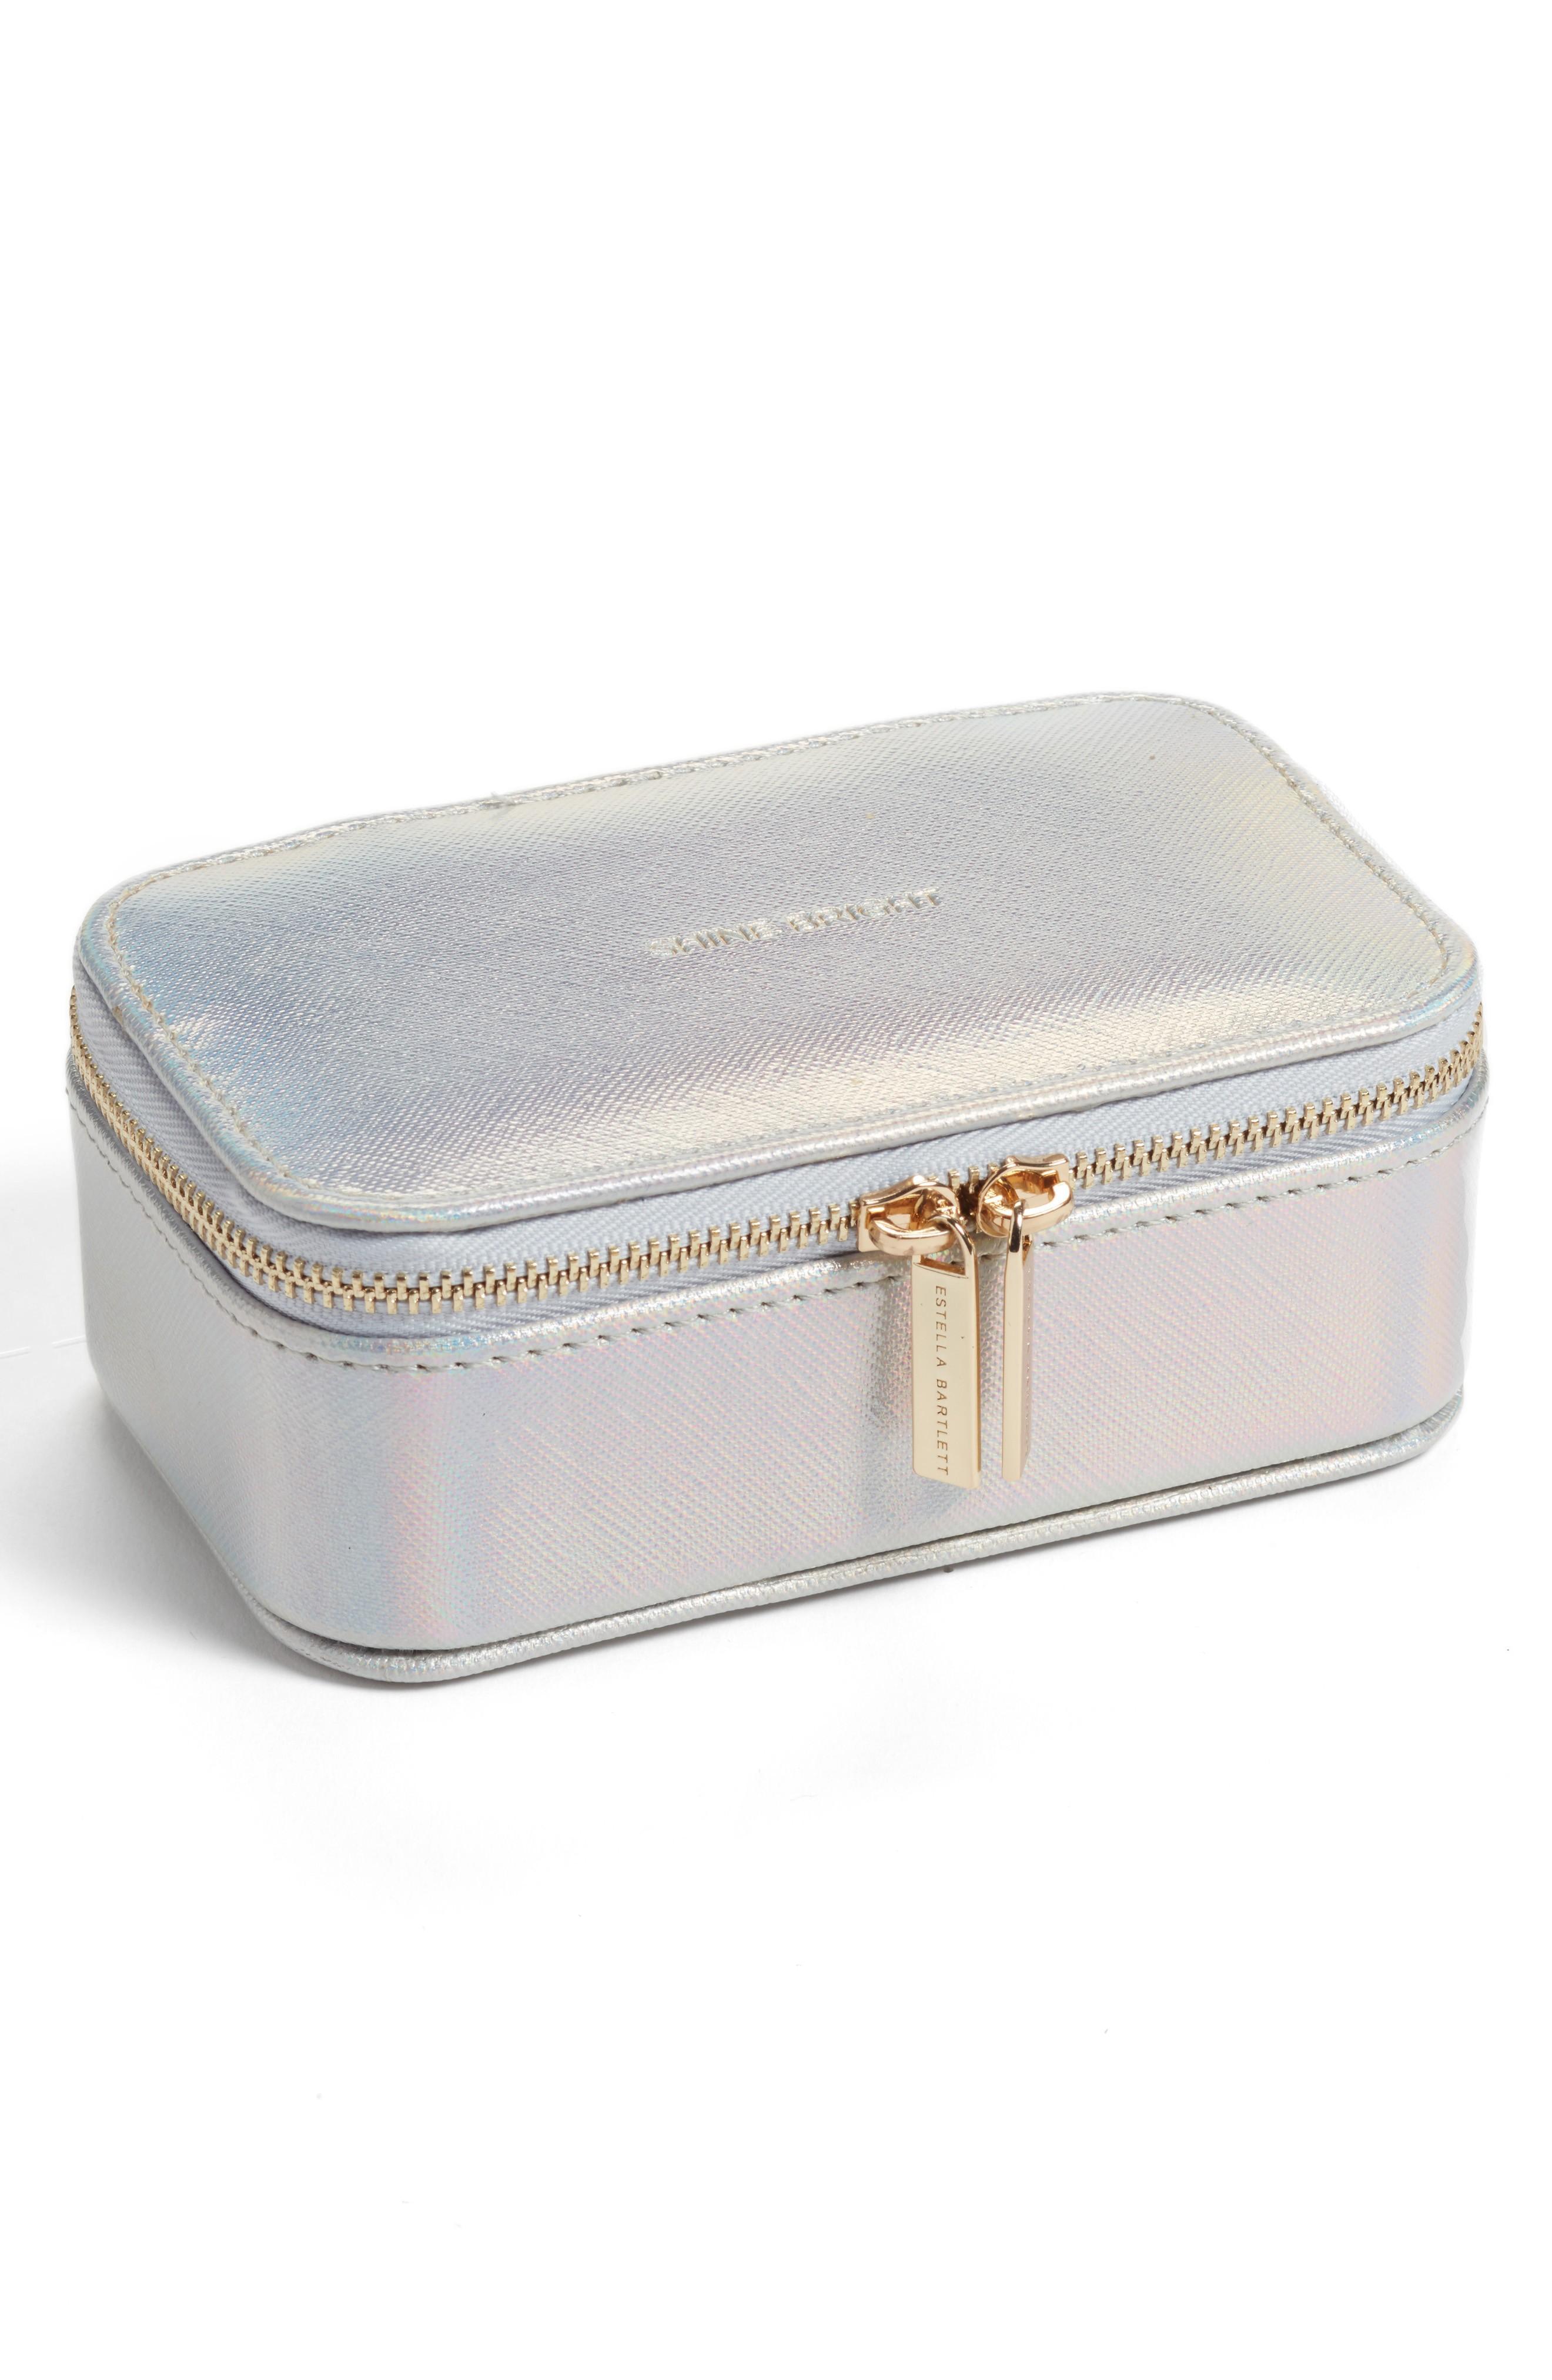 iridescent mini travel jewelry case